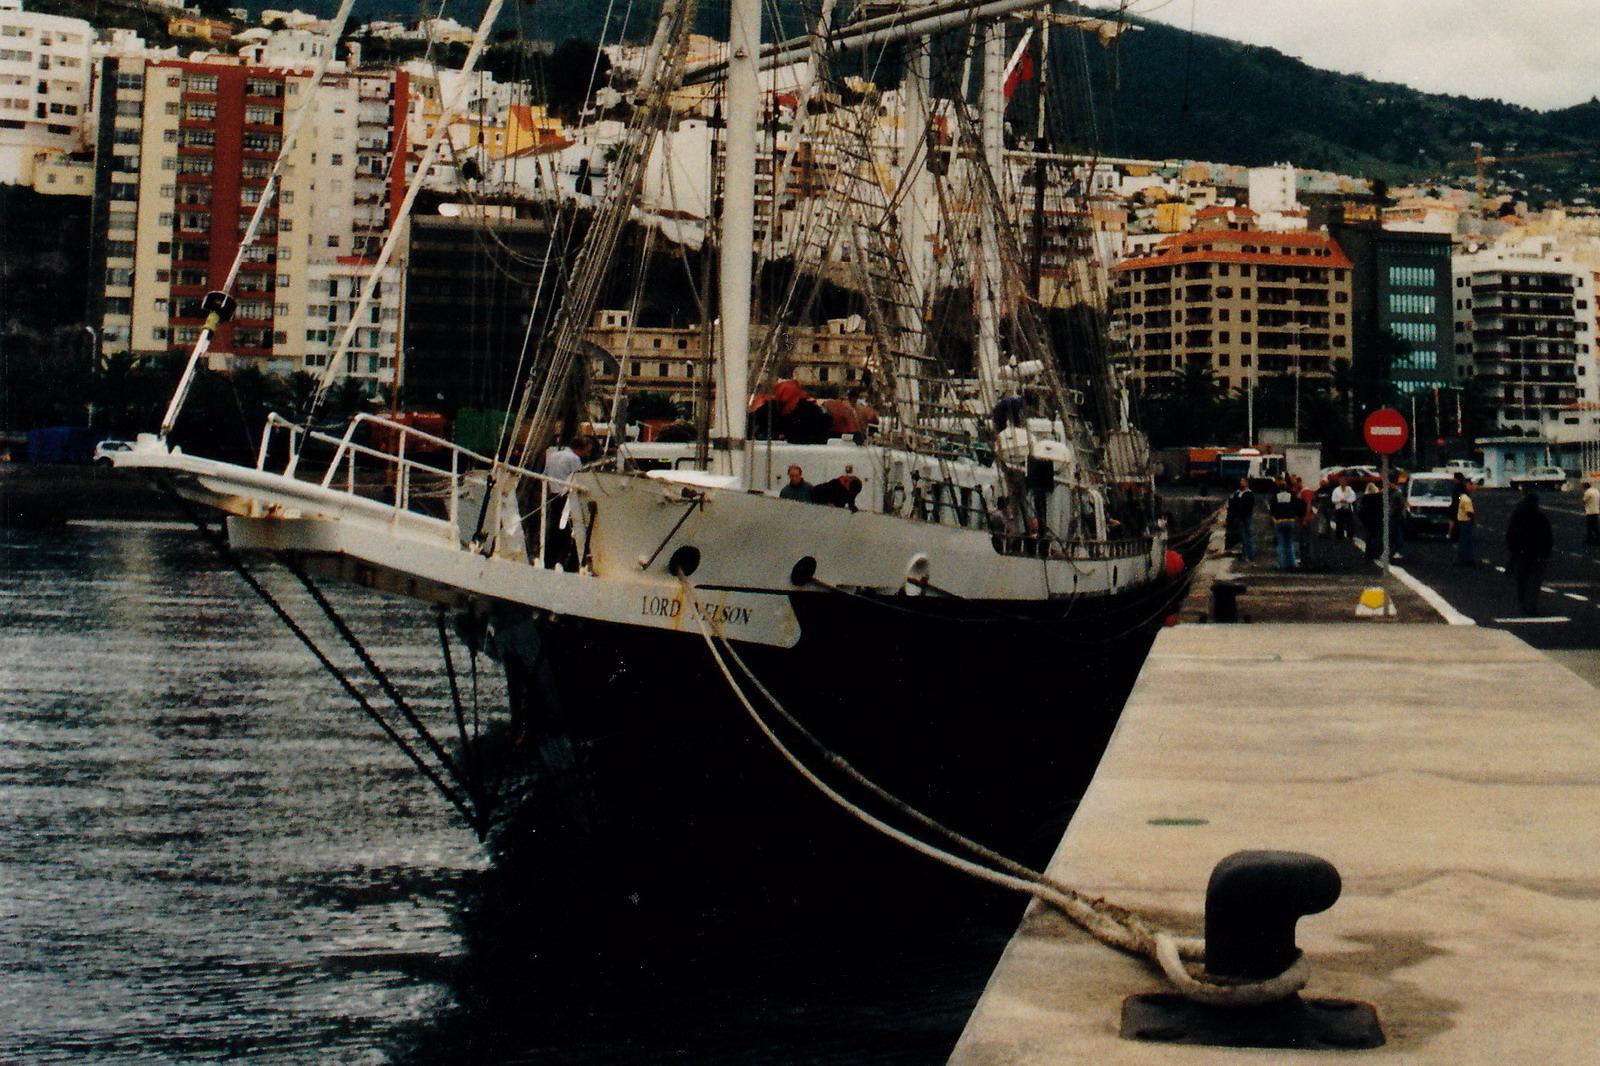 02LORD_NELSON_1002495_©Jorge_L.__Henríquez_Hernández._30_noviembre_2003_(1r)